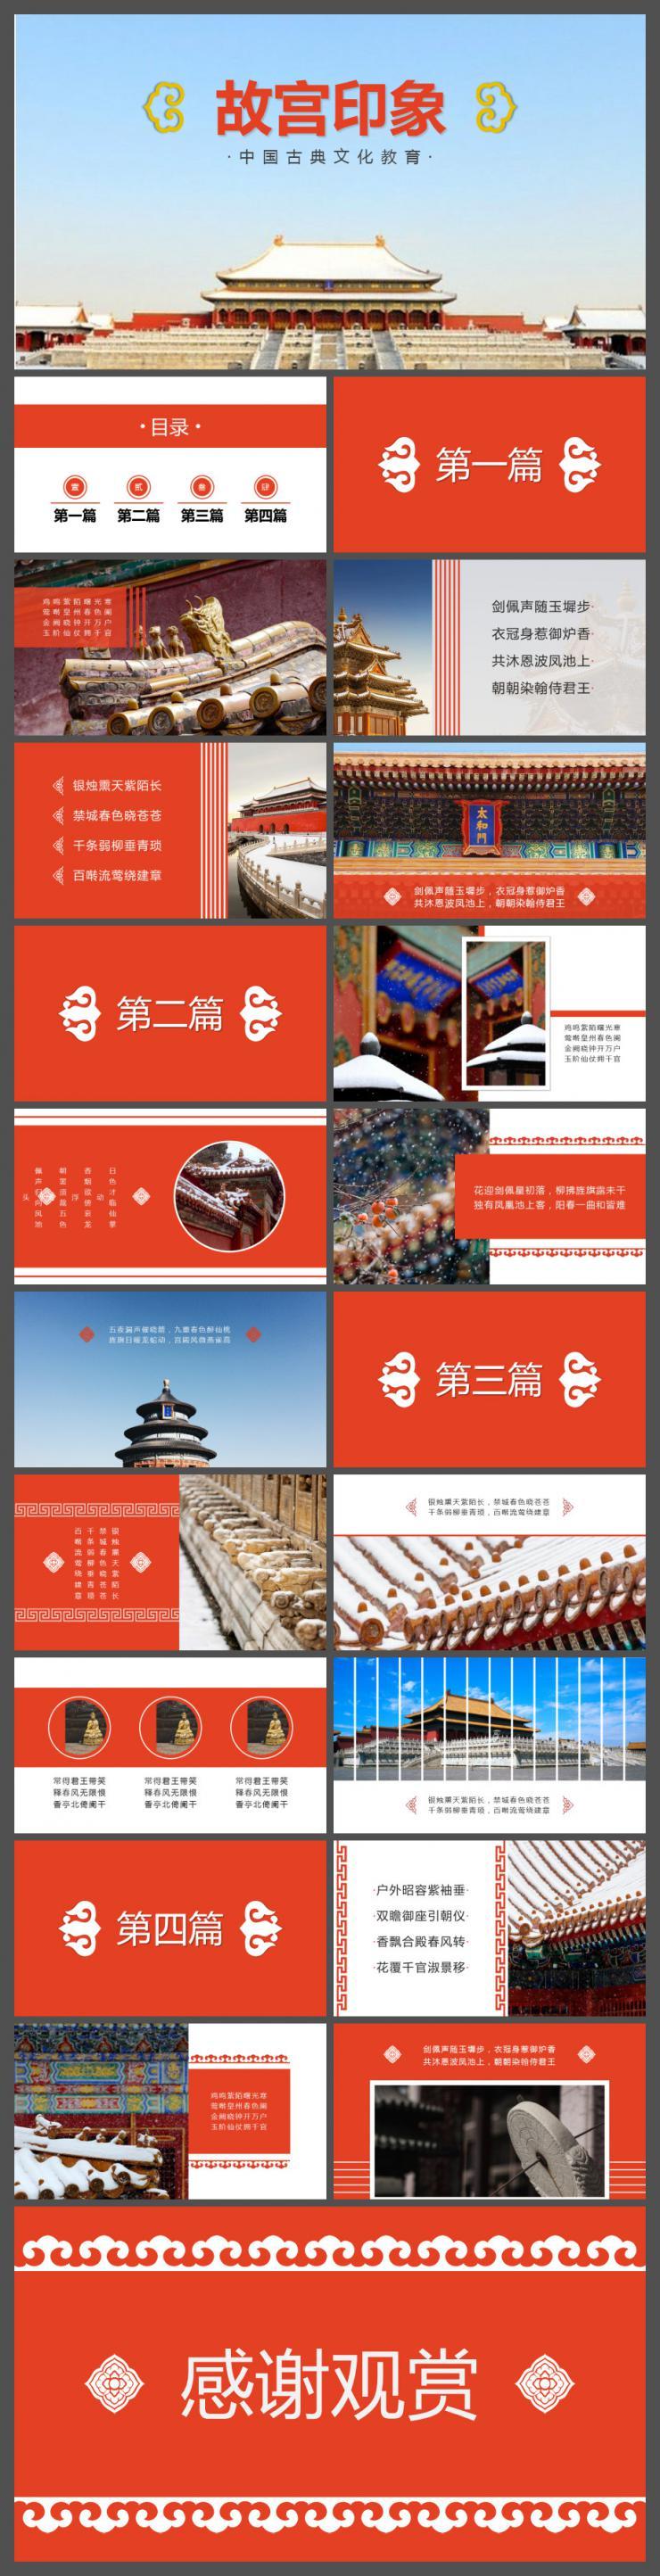 中国风故宫旅游PPT相册模板